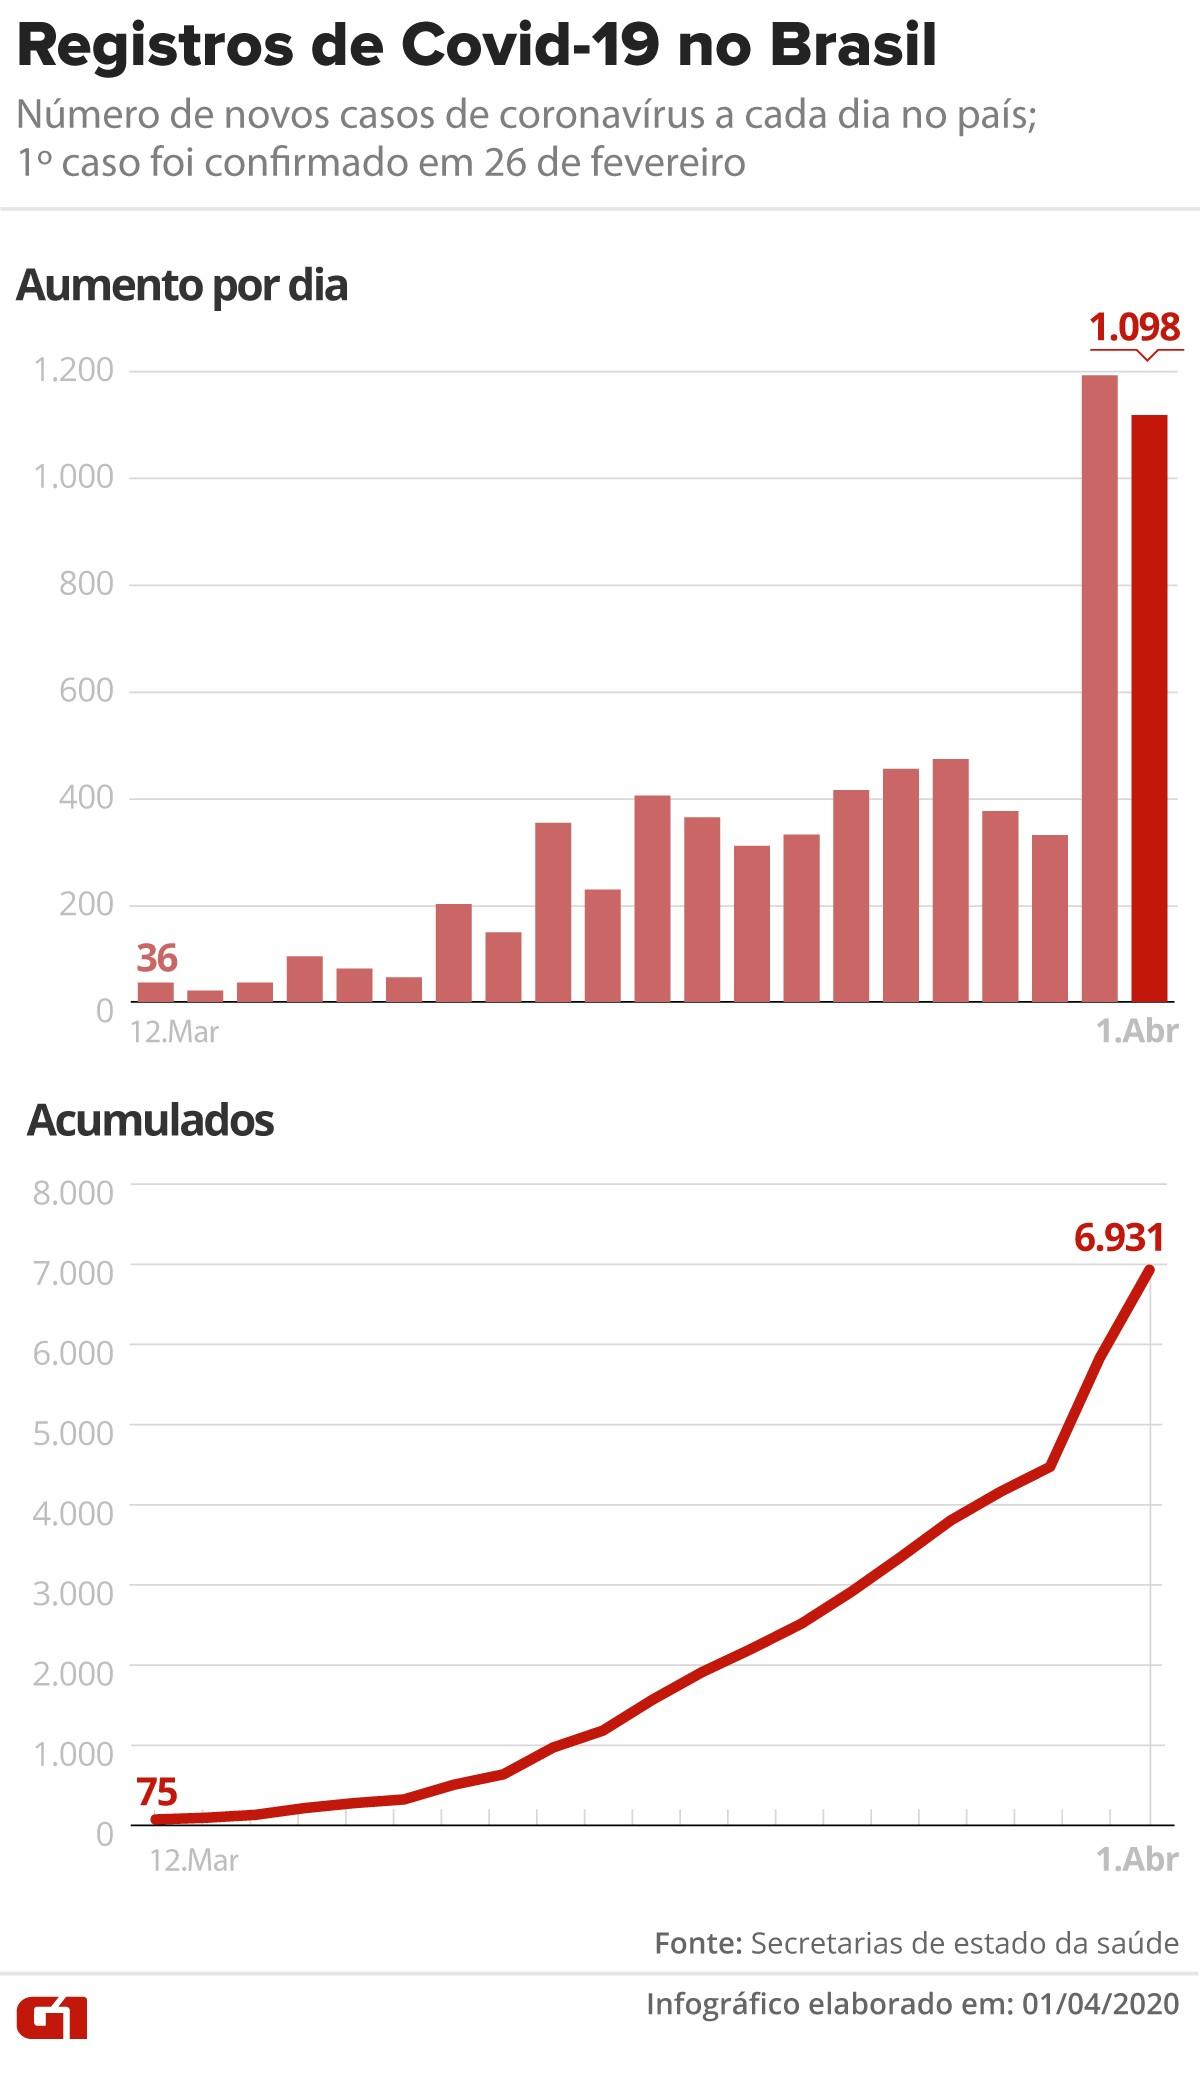 Brasil tem ao menos 23 mil testes de coronavírus à espera do resultado; número é mais que o triplo de casos confirmados